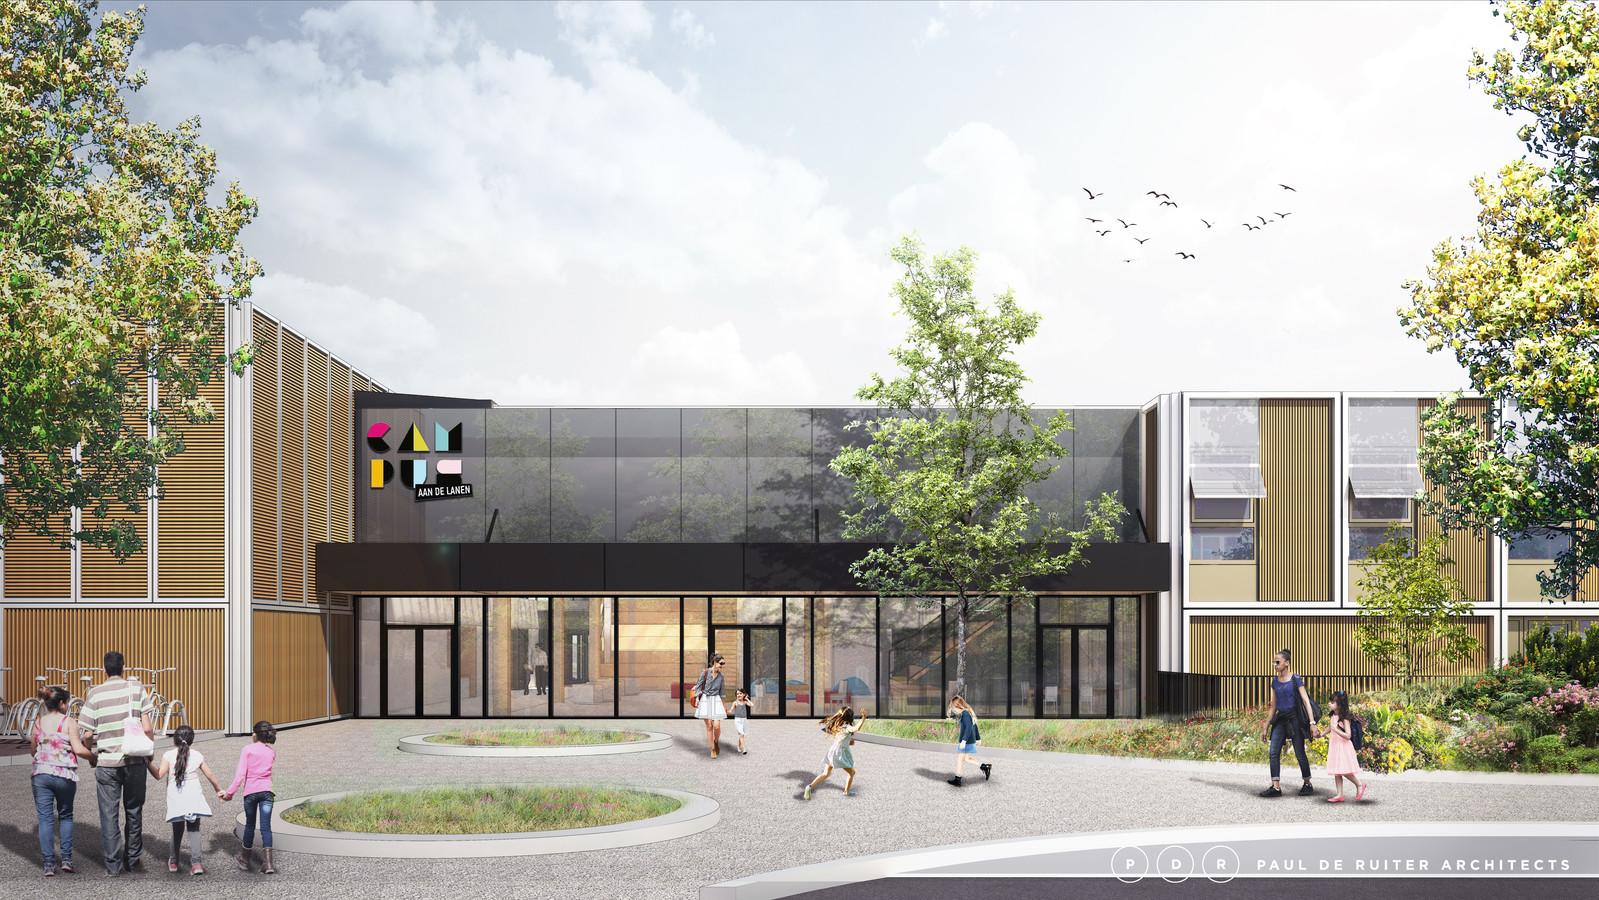 De bouw begint in oktober en duurt naar verwachting een jaar. De opening van het nieuwe pand van Campus aan de Lanen staat gepland voor eind 2021.